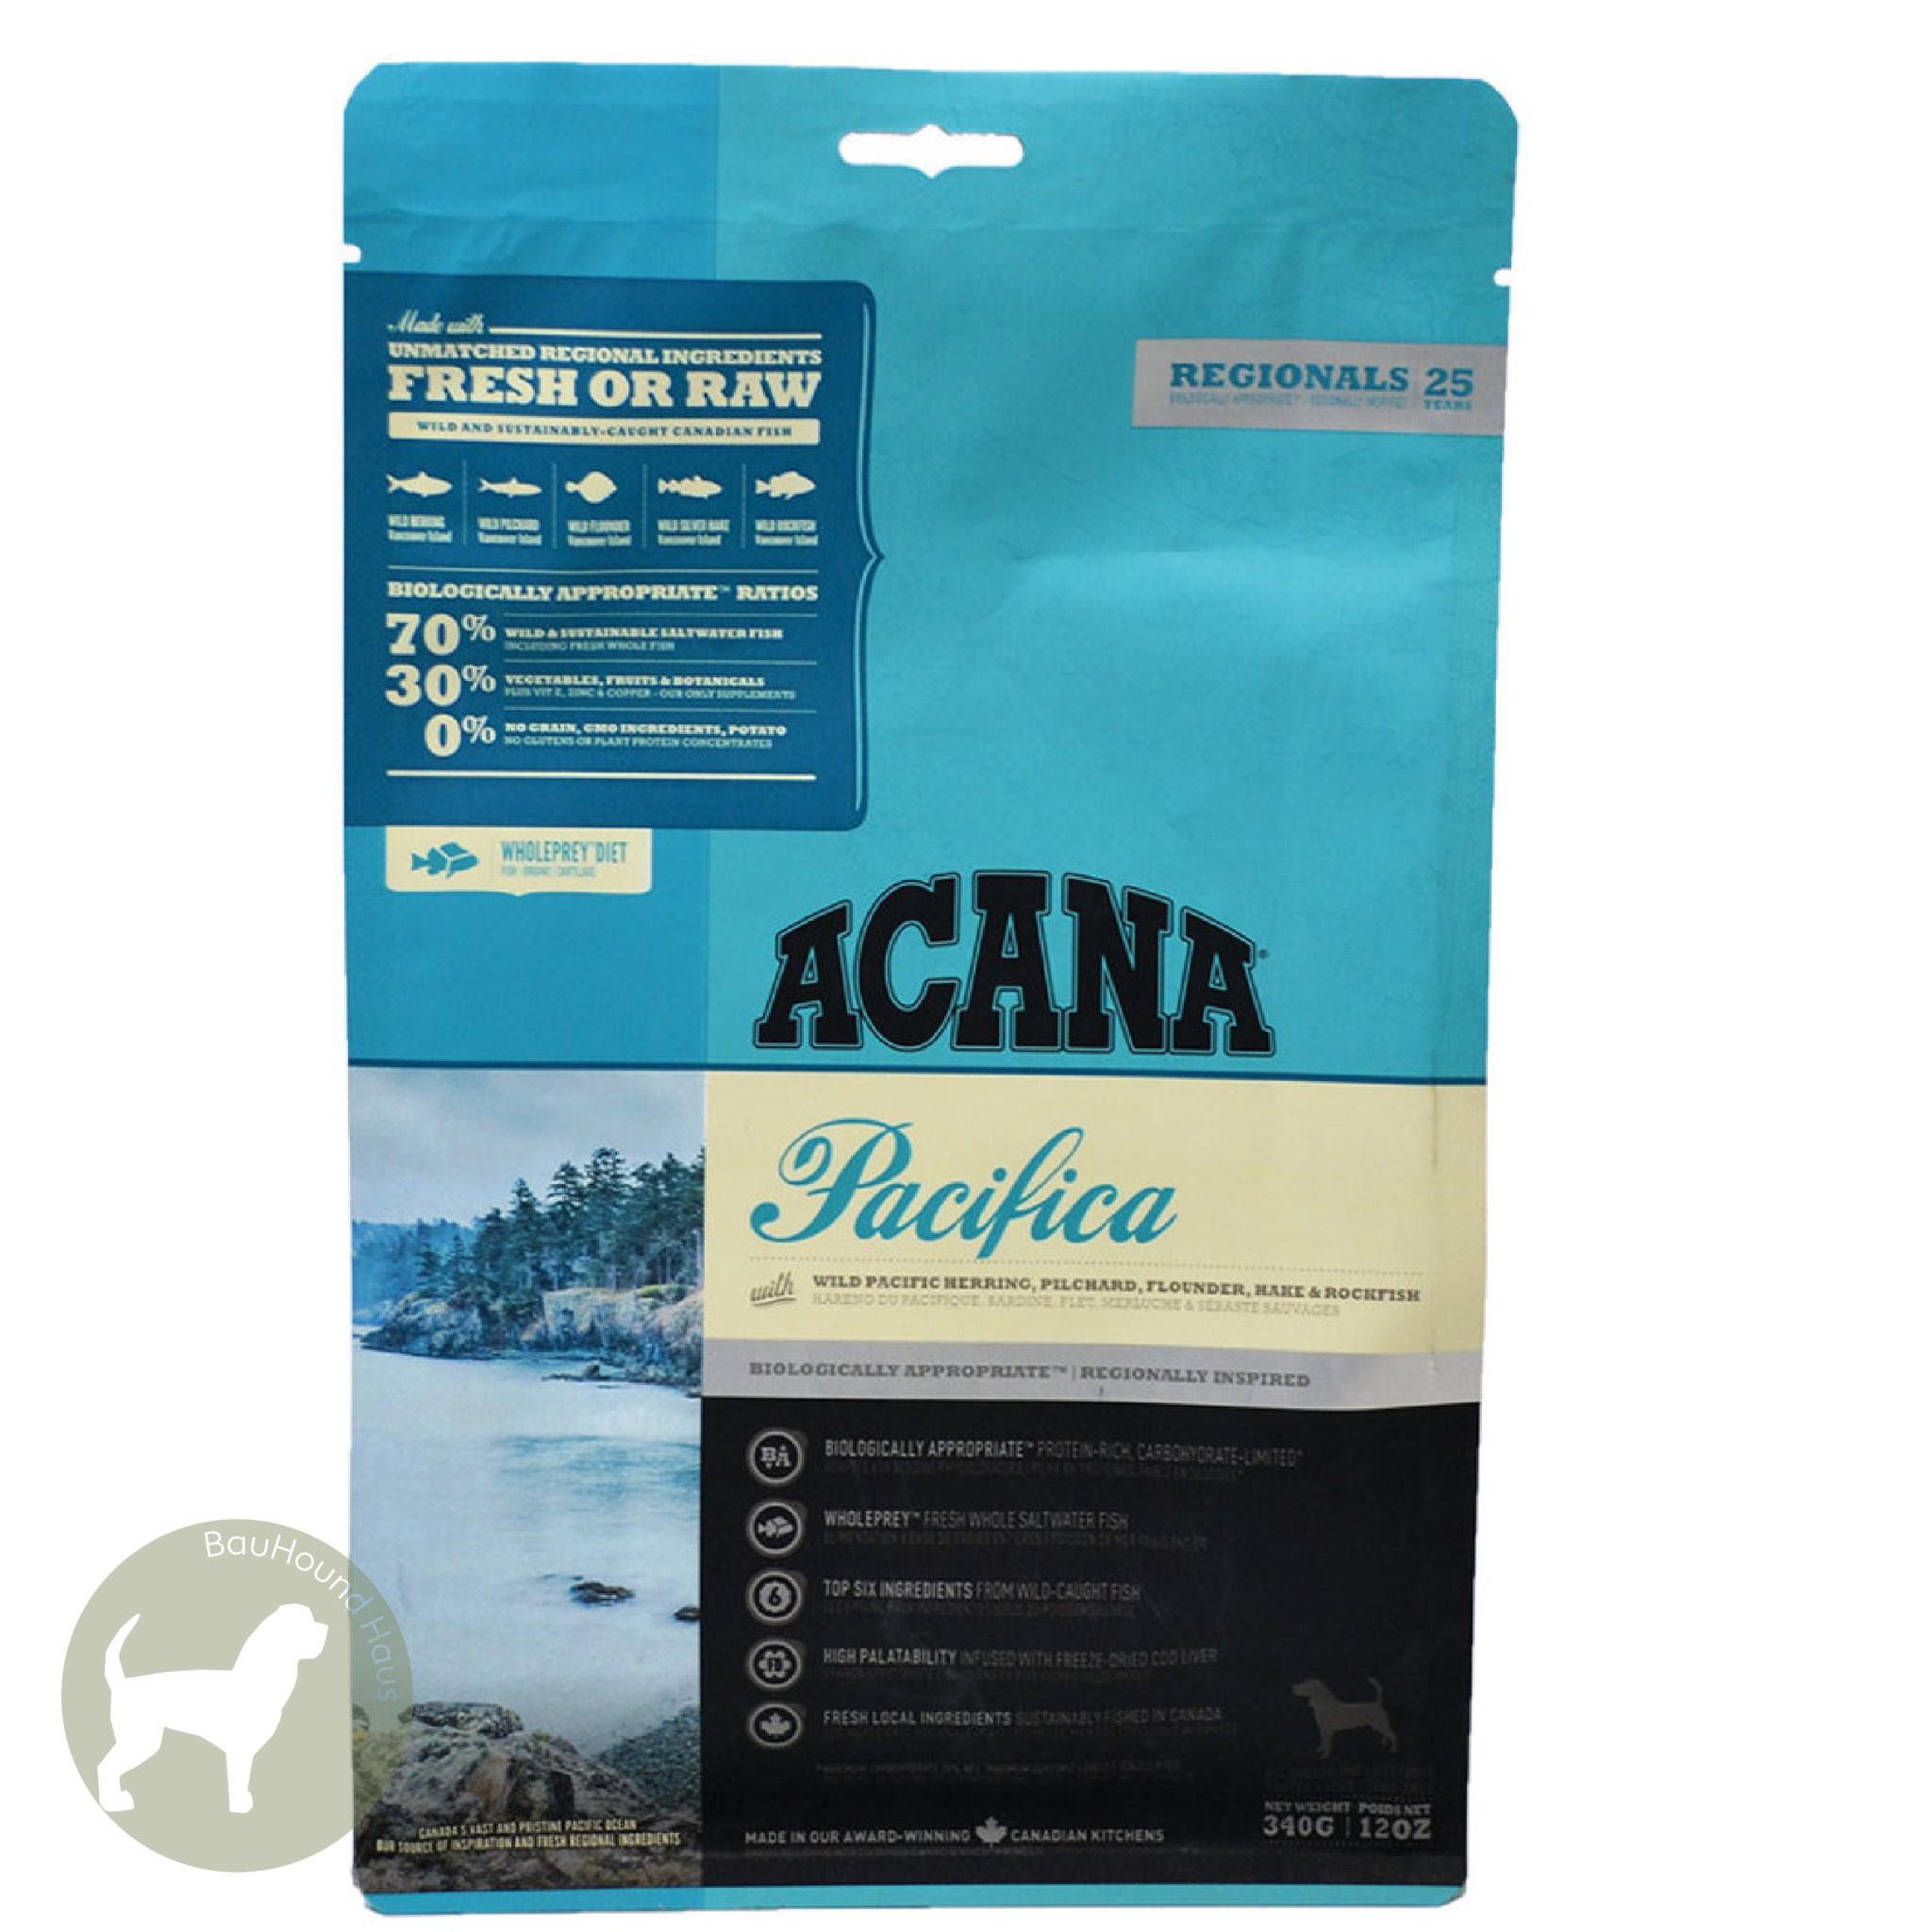 Acana Acana REGIONALS Pacifica Kibble, 6kg